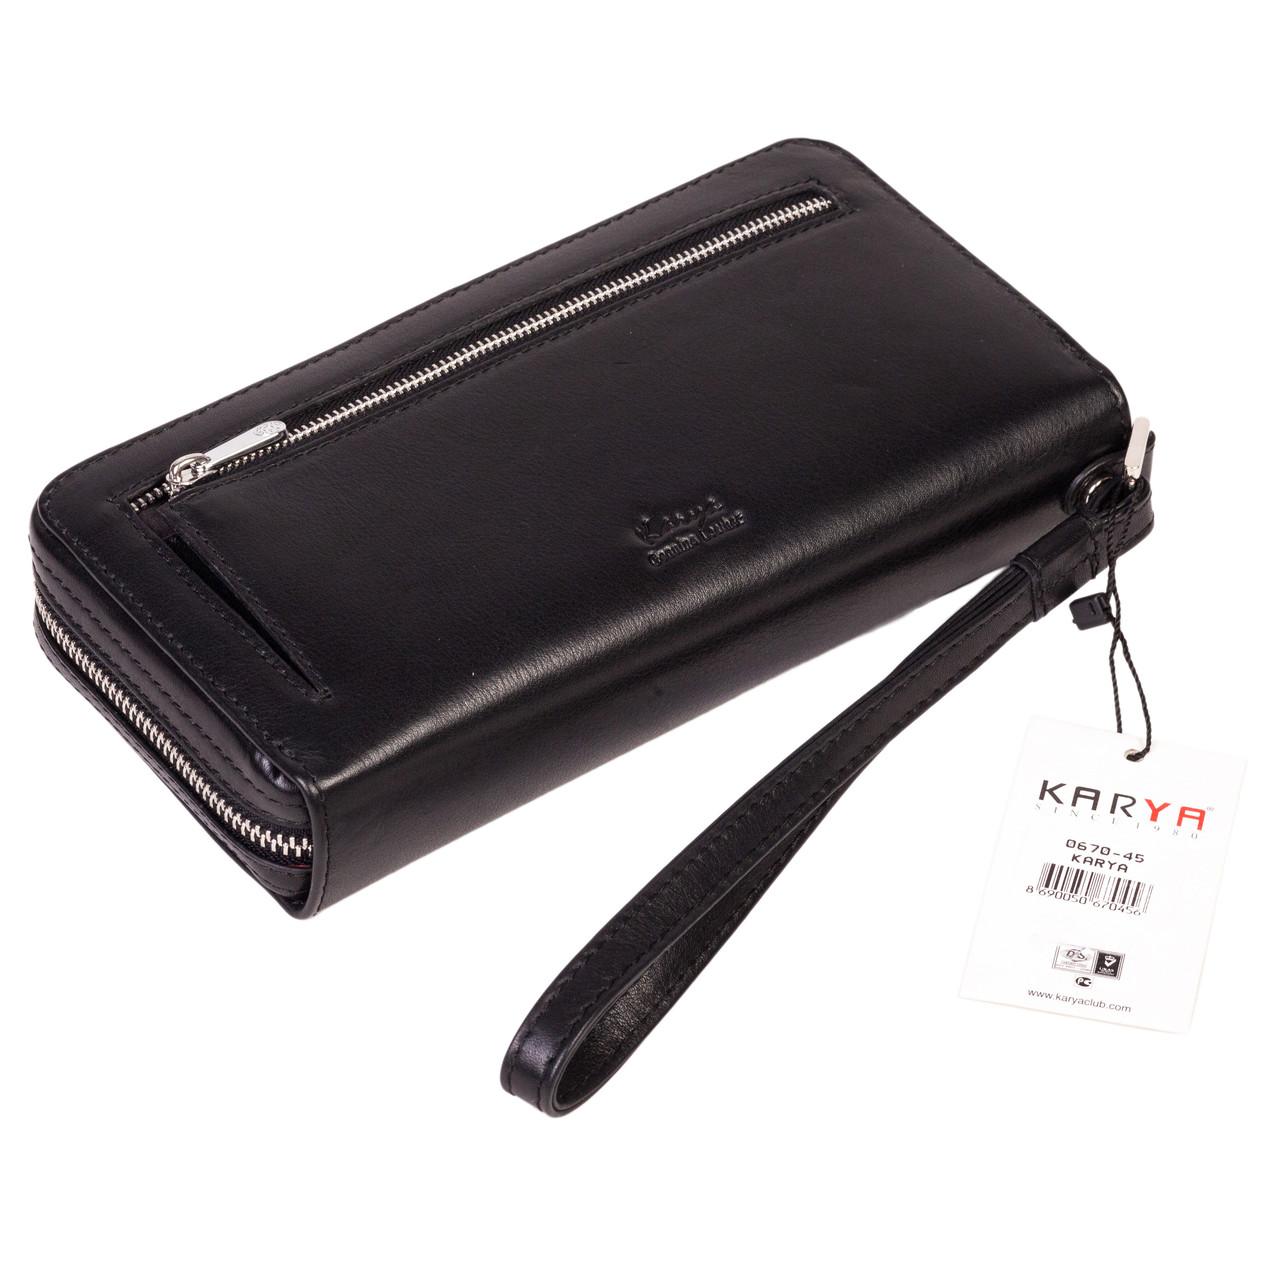 Мужской клатч Karya 0670-1 кожаный черный